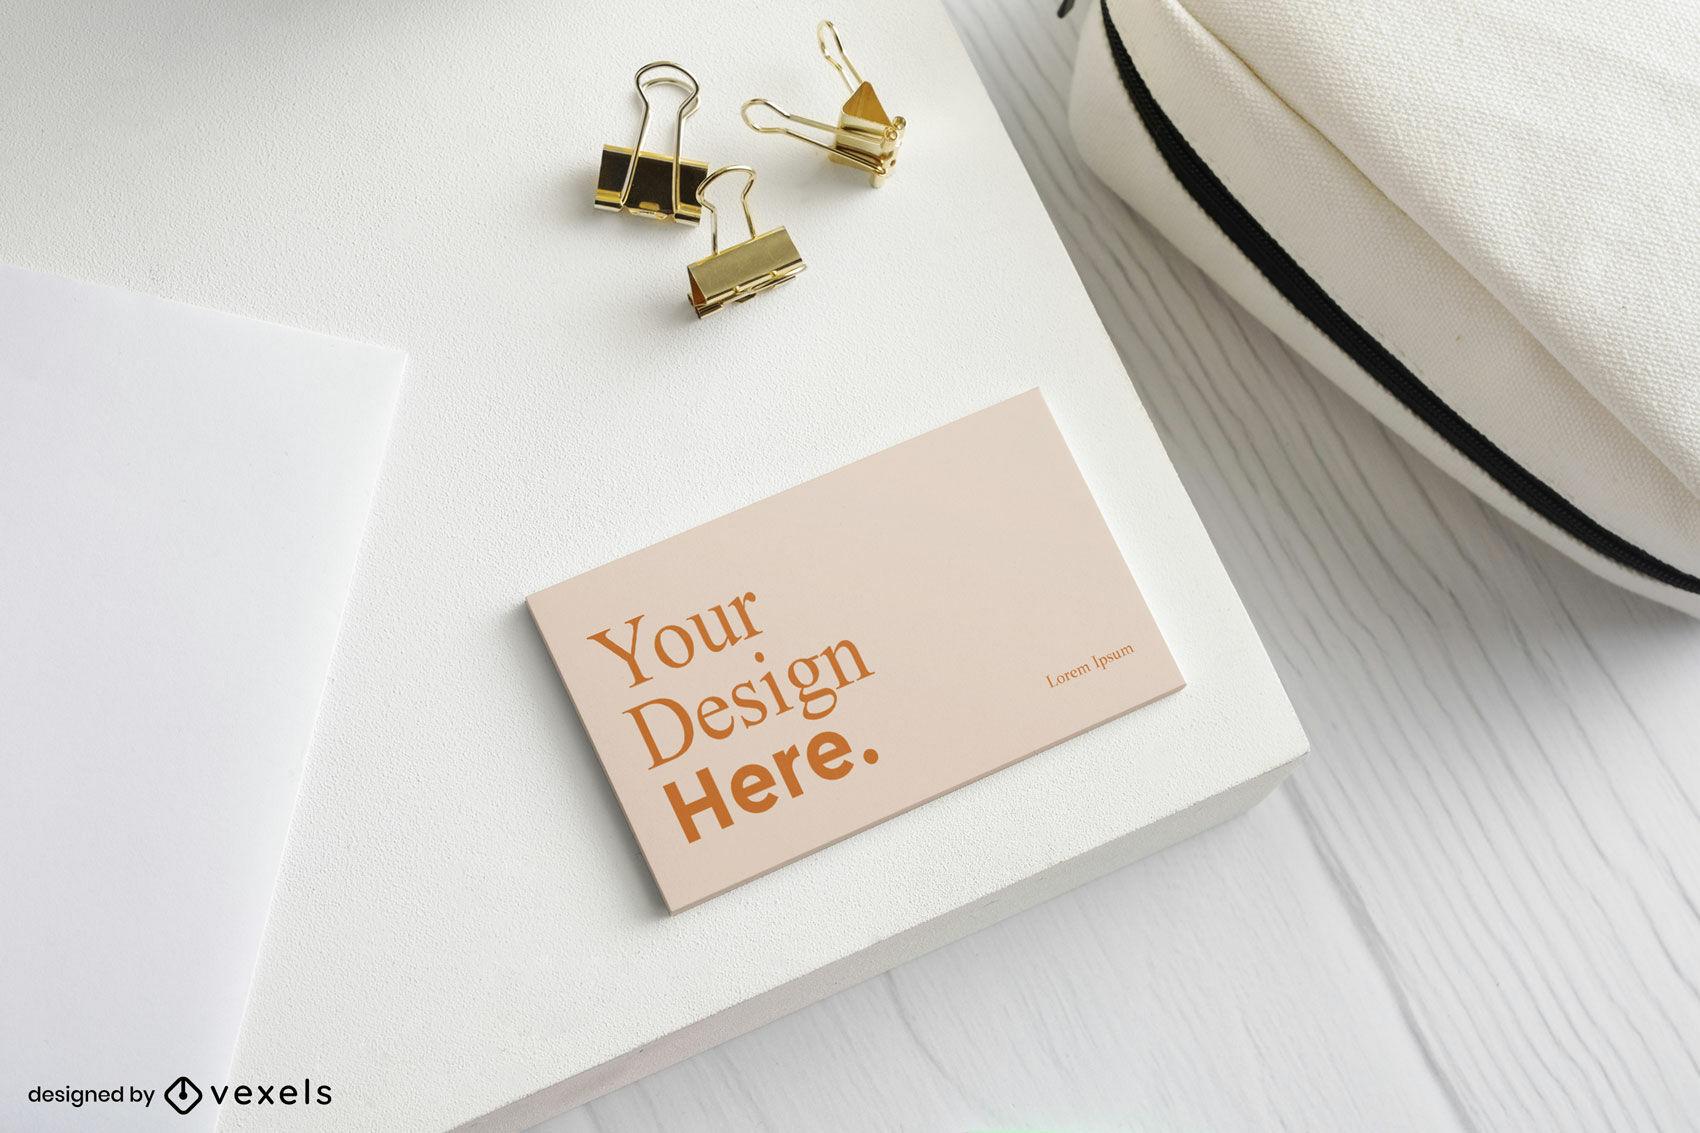 Orange business card mockup in white desk